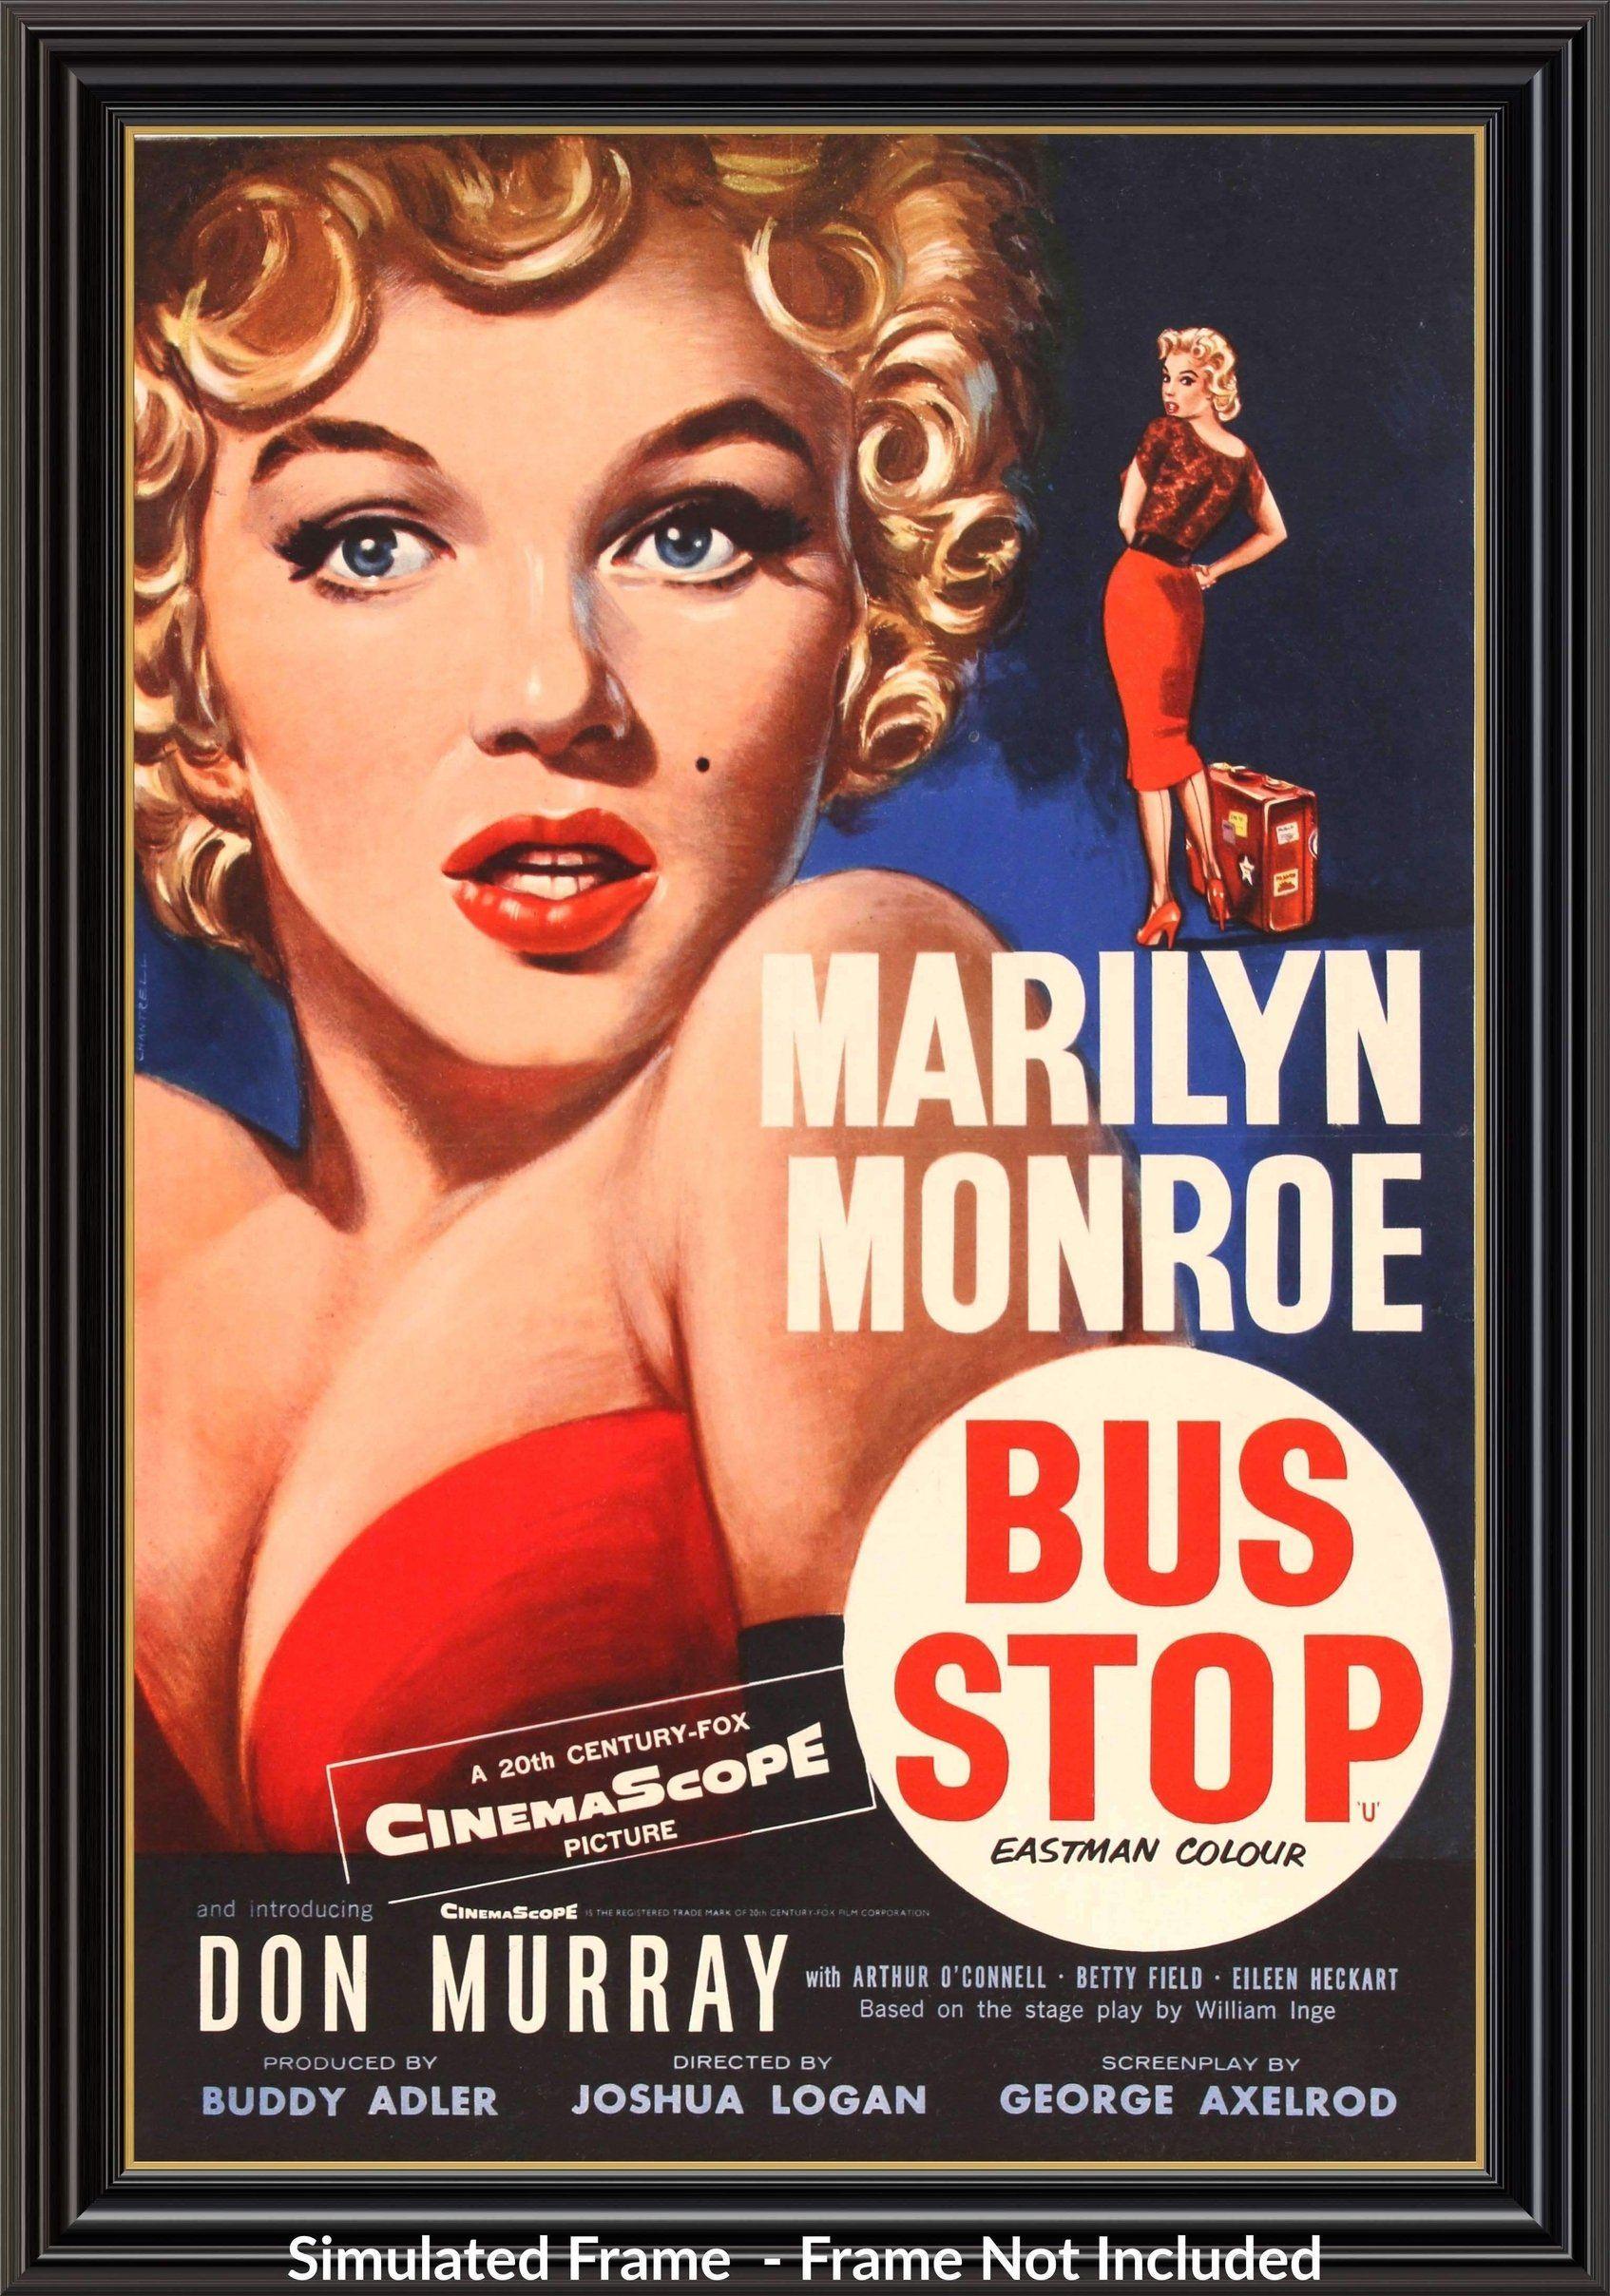 Bus Stop 1956 Marilyn Monroe Movies Movie Posters Vintage Film Posters Vintage